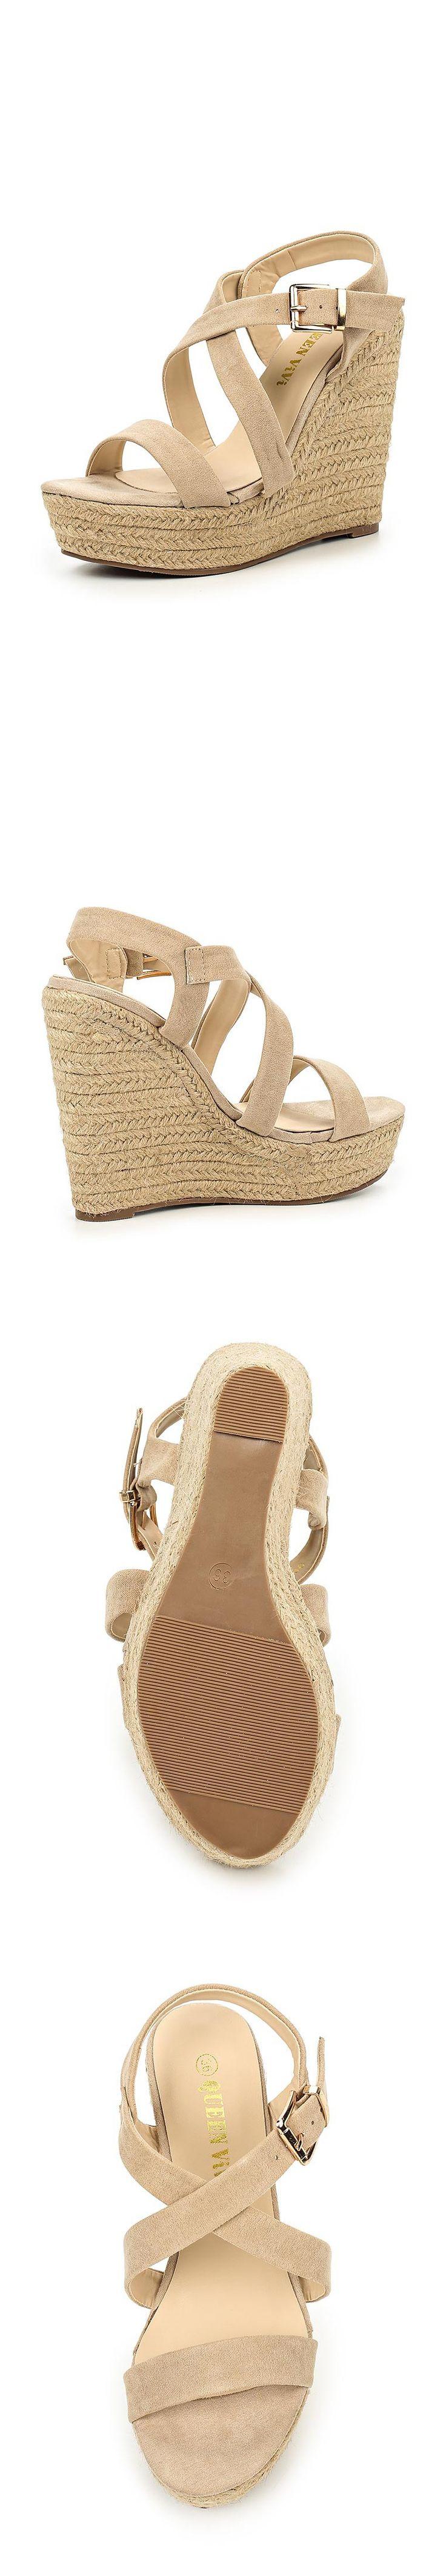 Женская обувь босоножки Queen Vivi за 3699.00 руб.